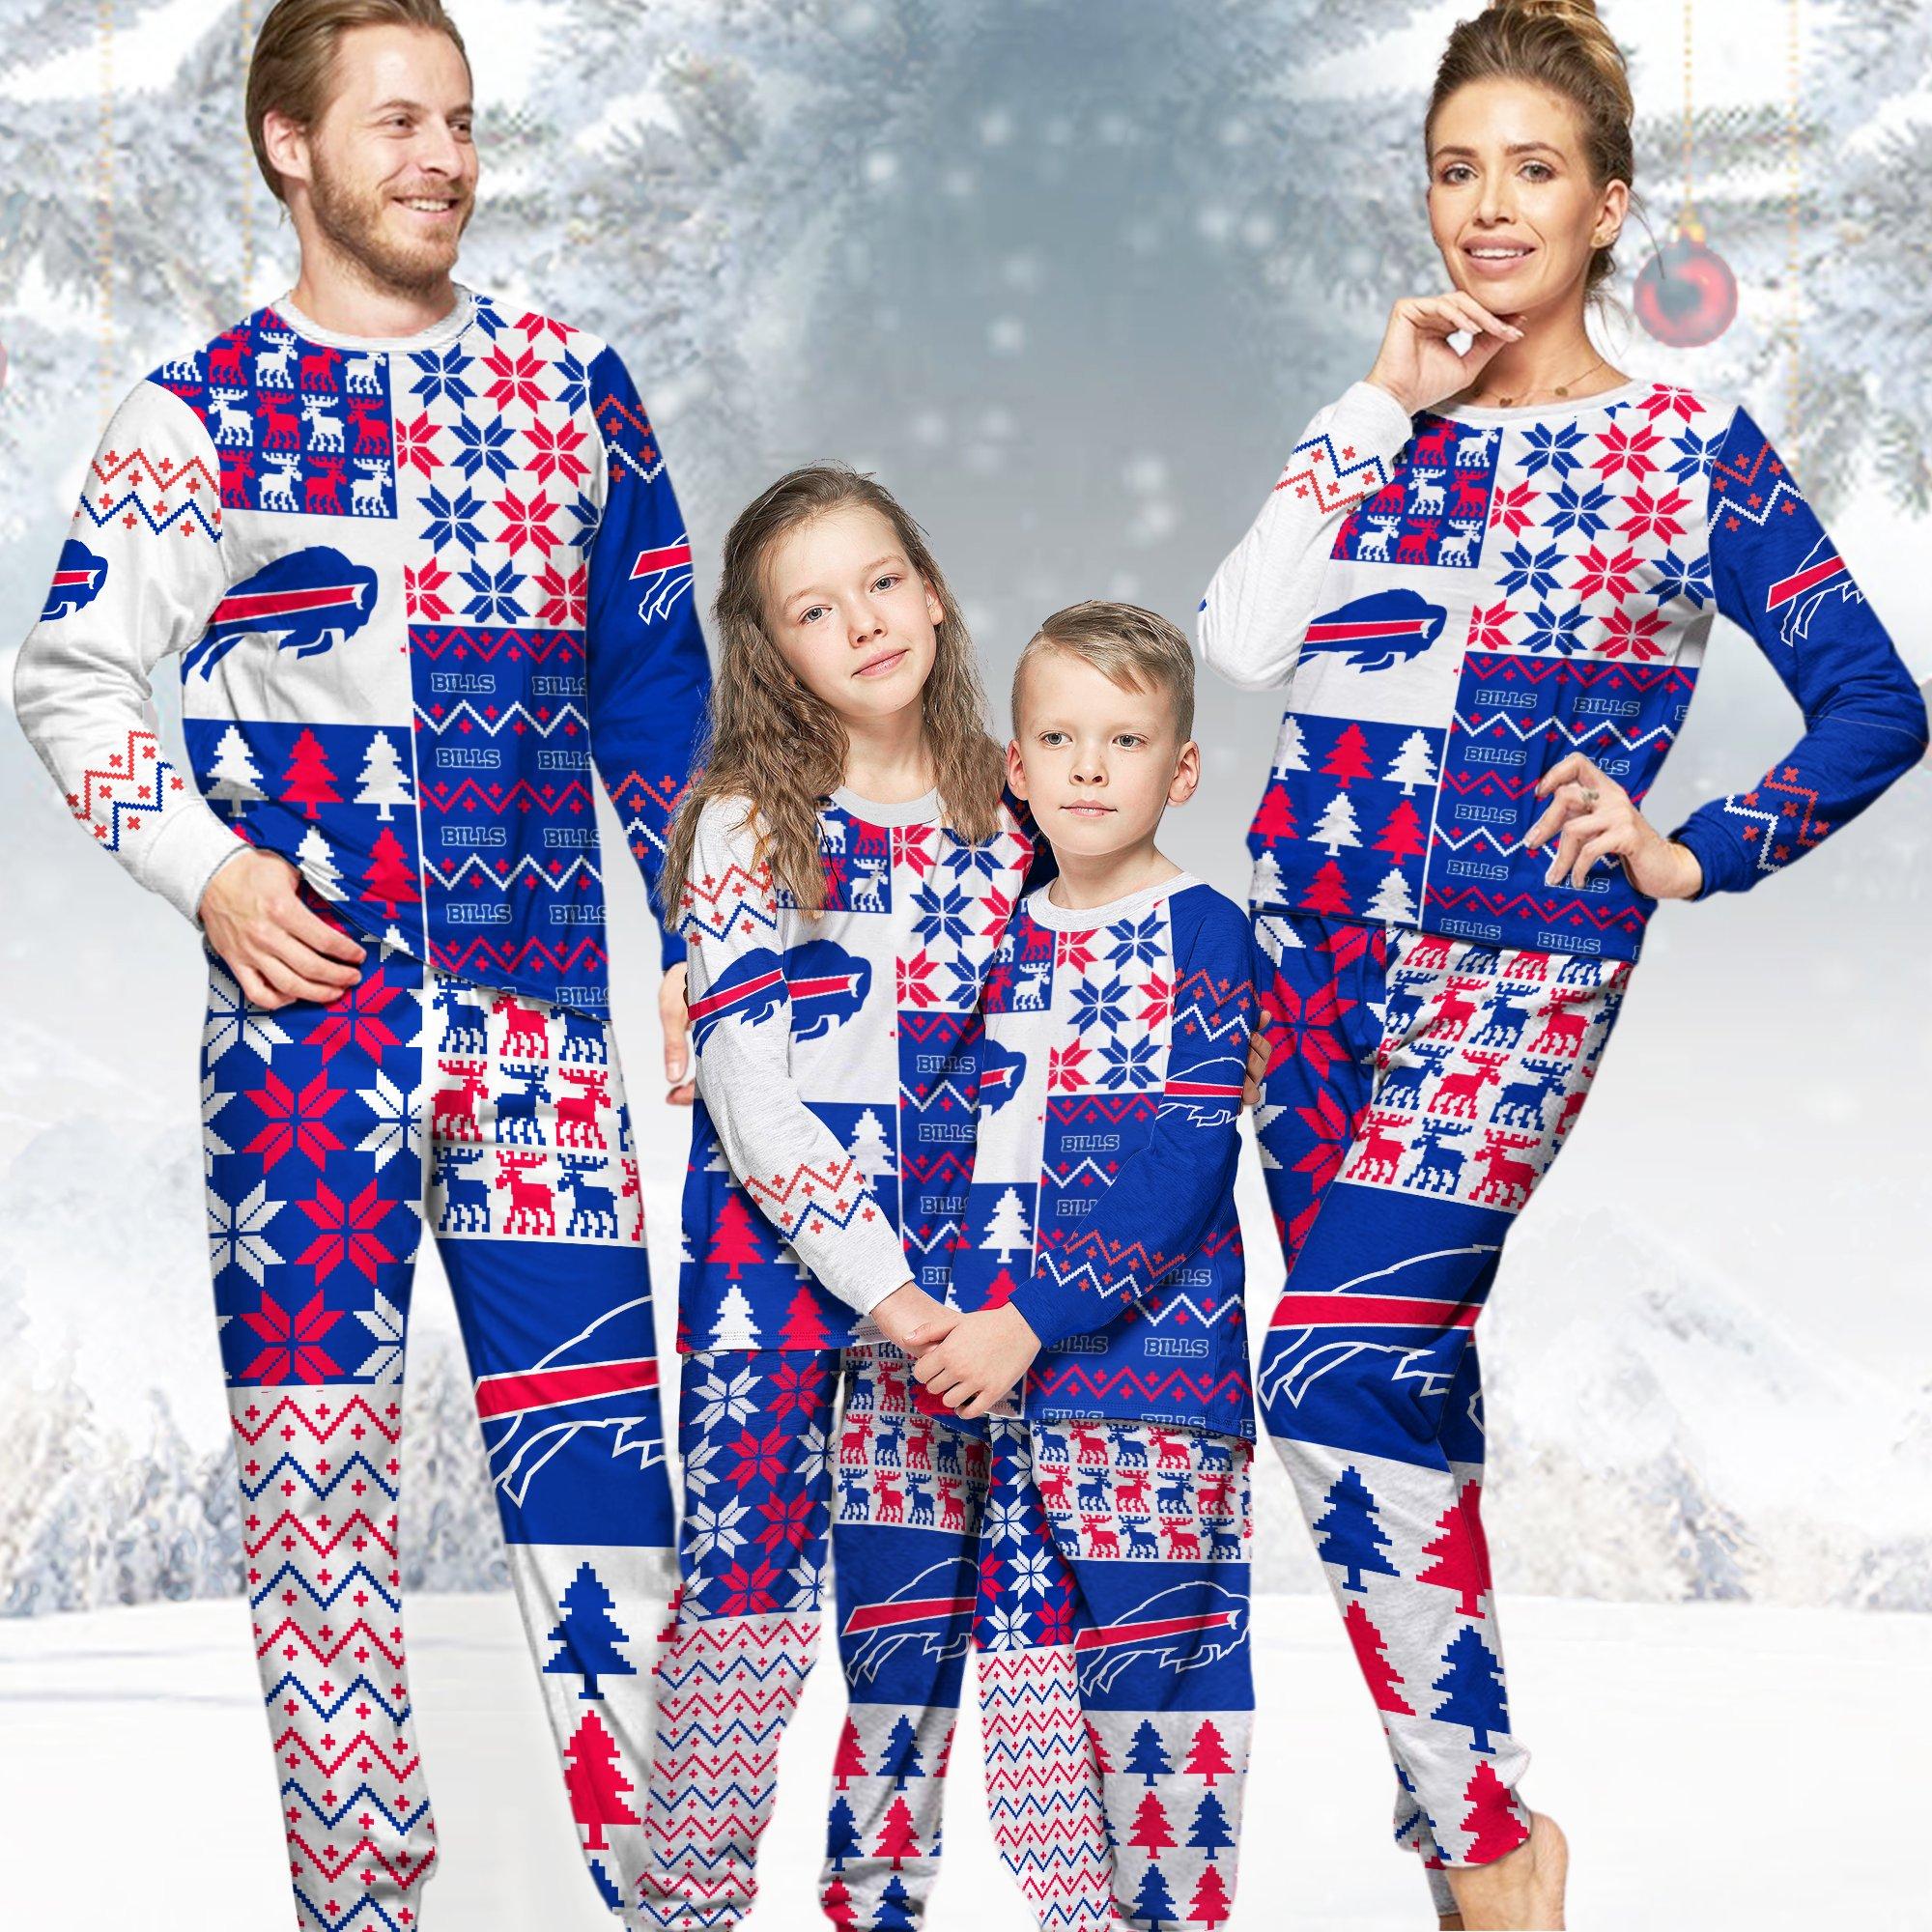 Buffalo Bills NFL Family Holiday Pajamas